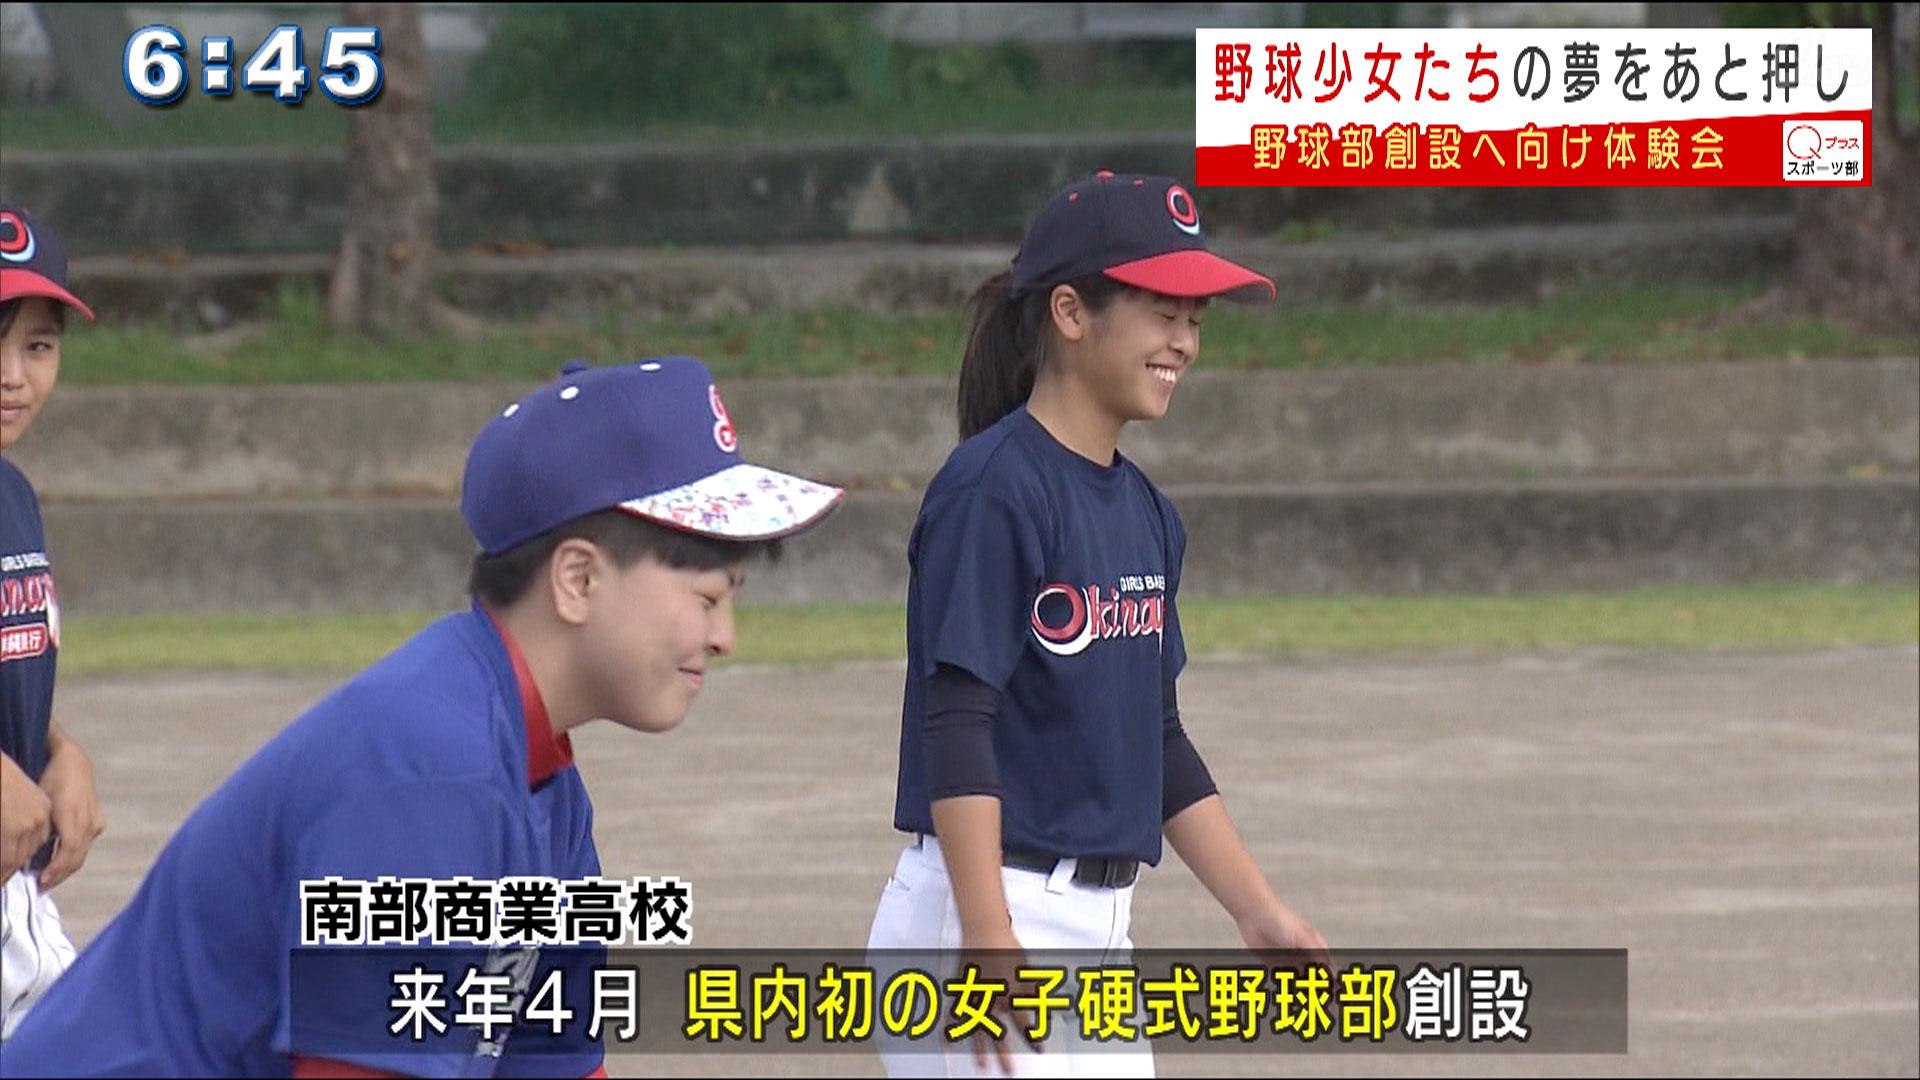 県内初の女子硬式野球部誕生へ